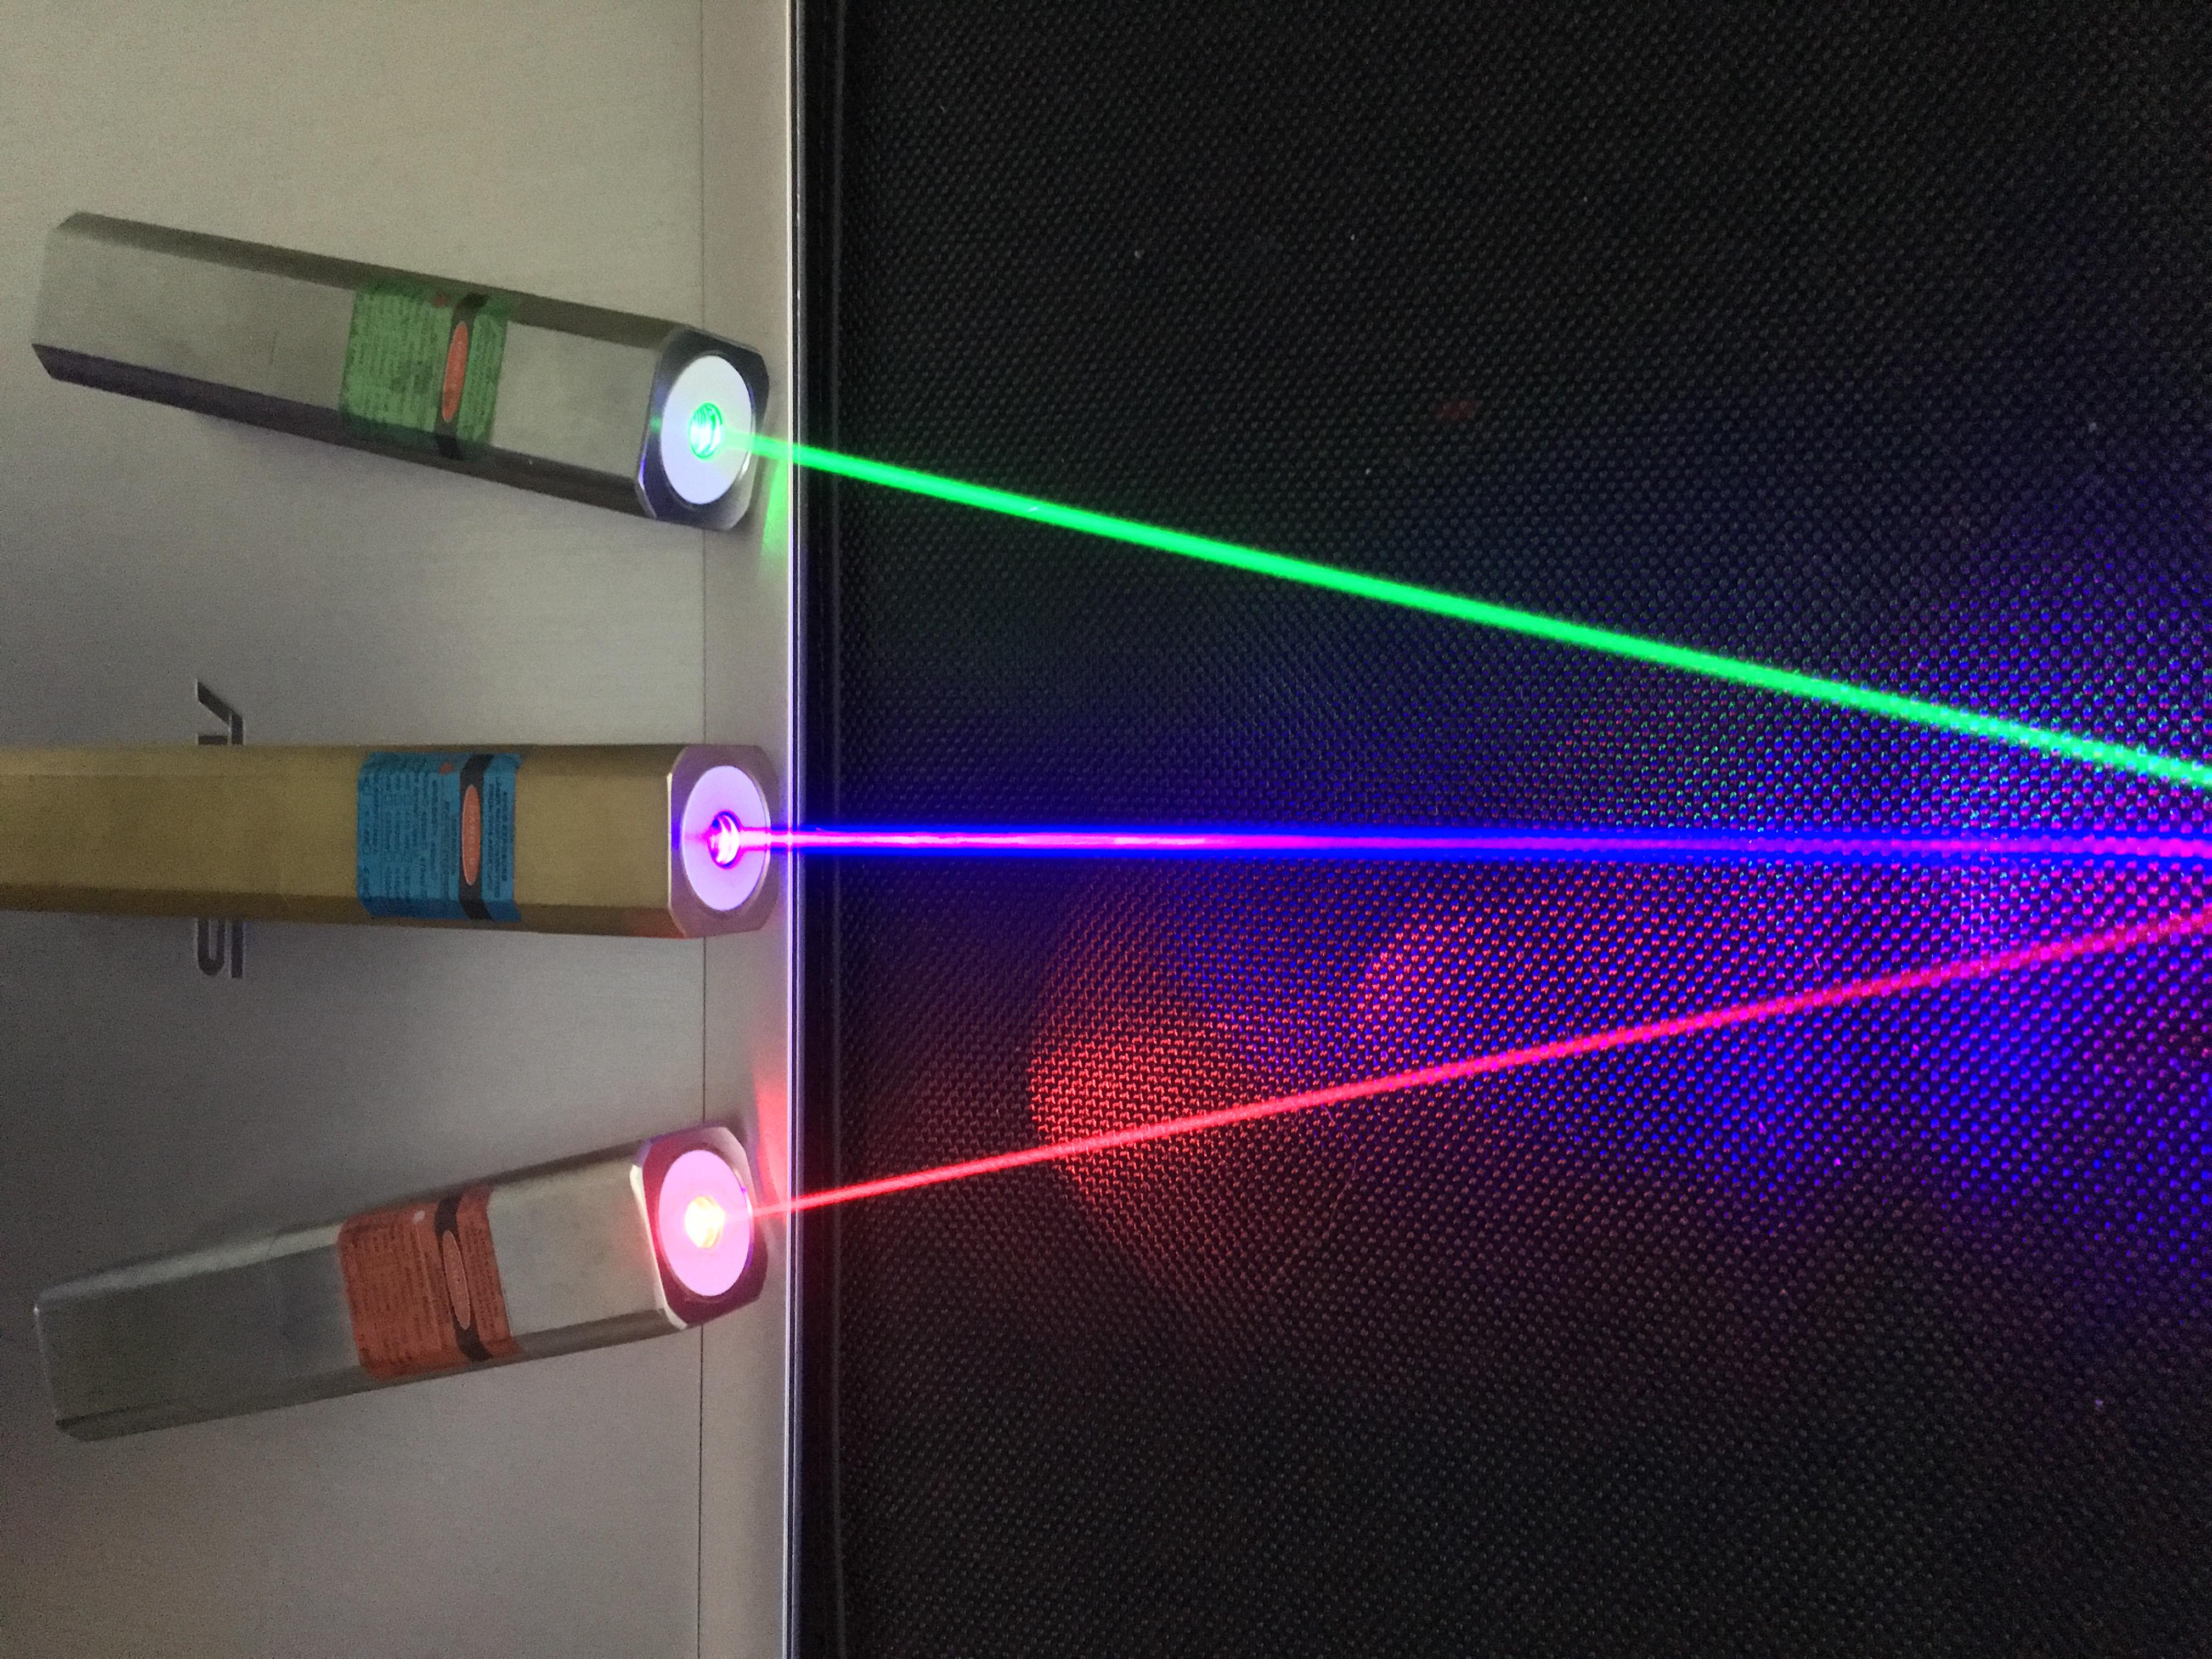 laser pointer.jpg